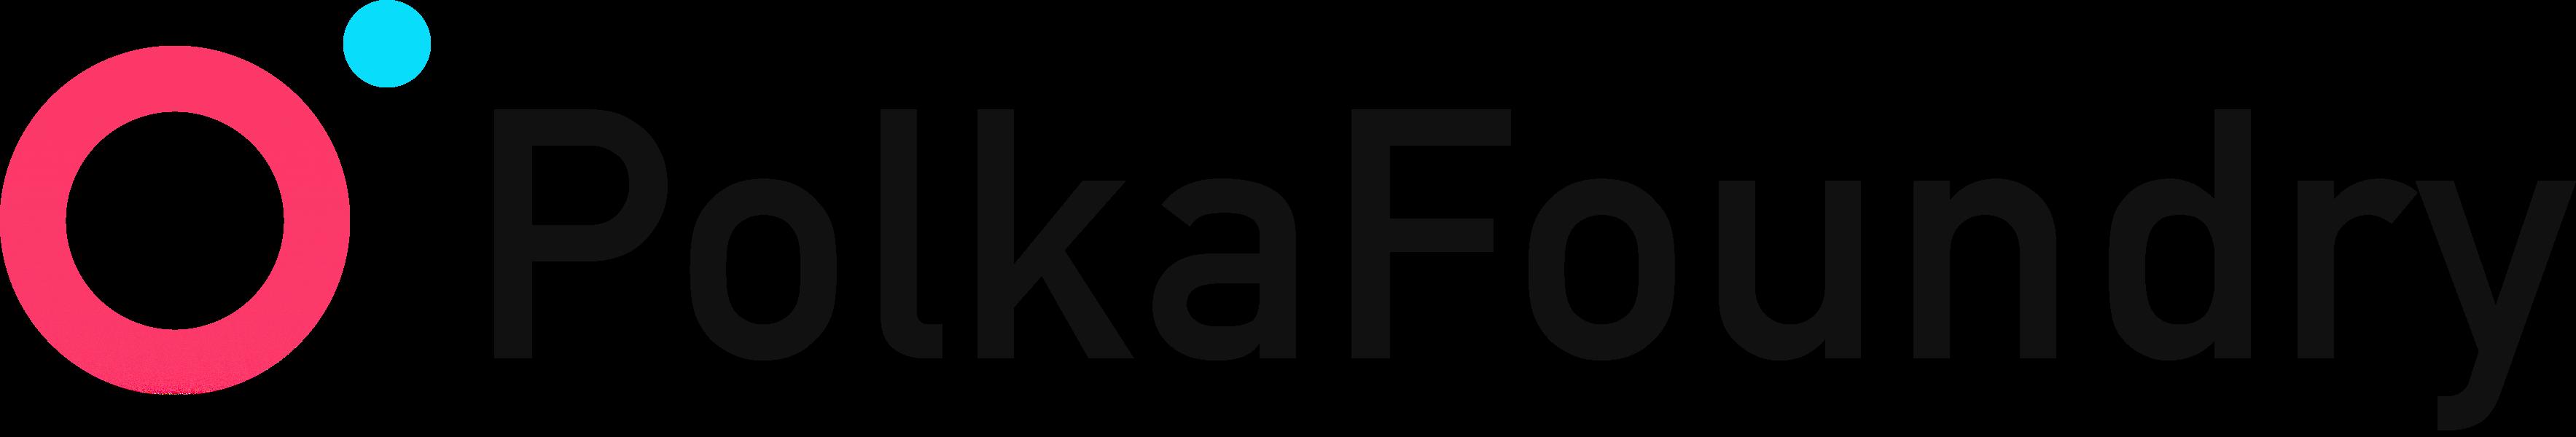 Polkafoundry logo